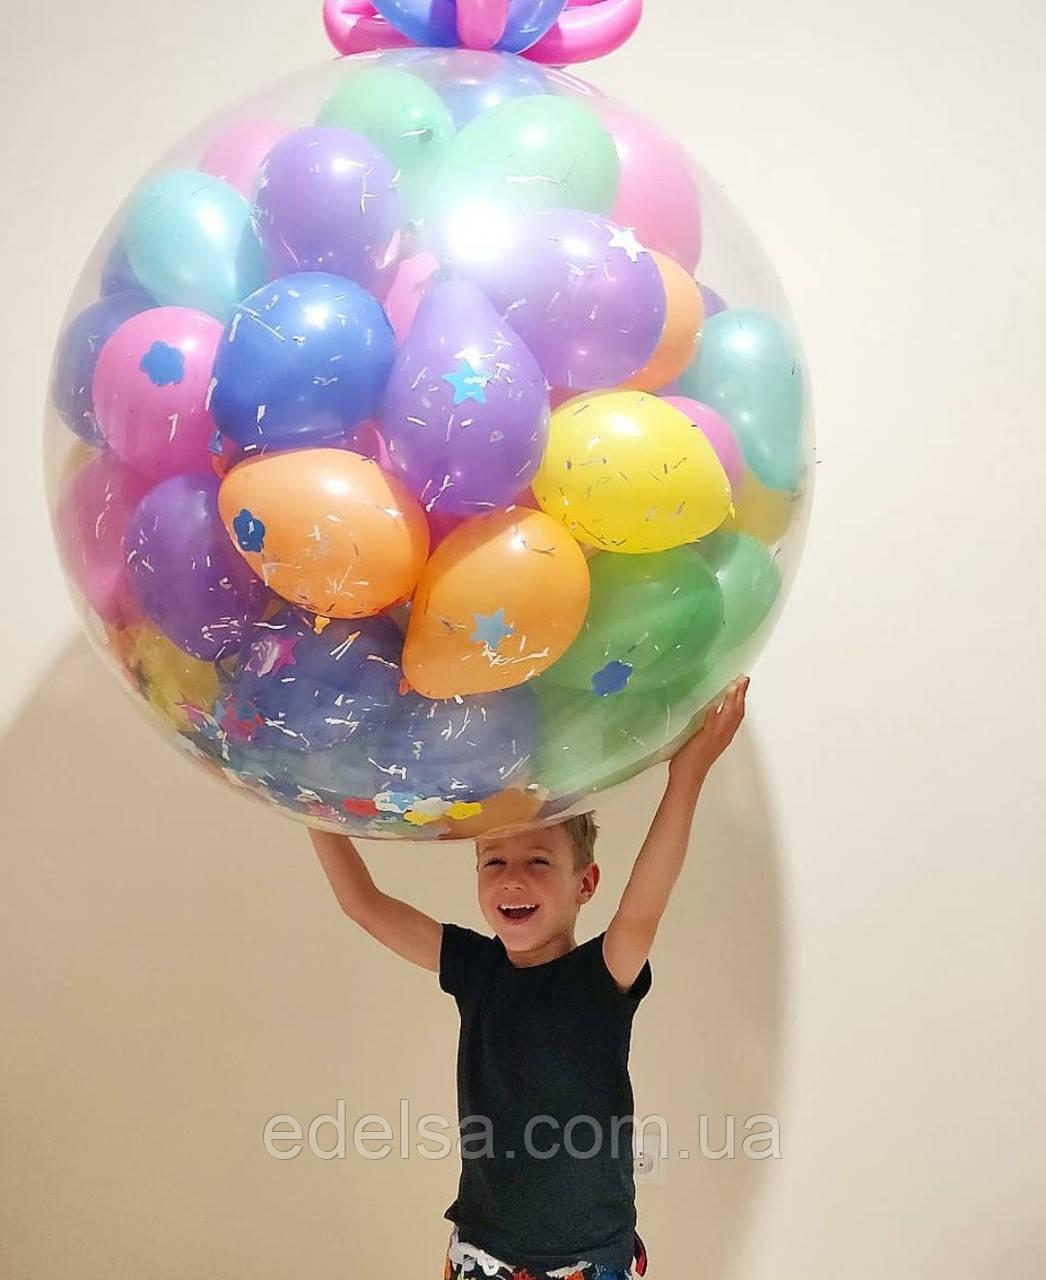 Огромный шар-сюрприз